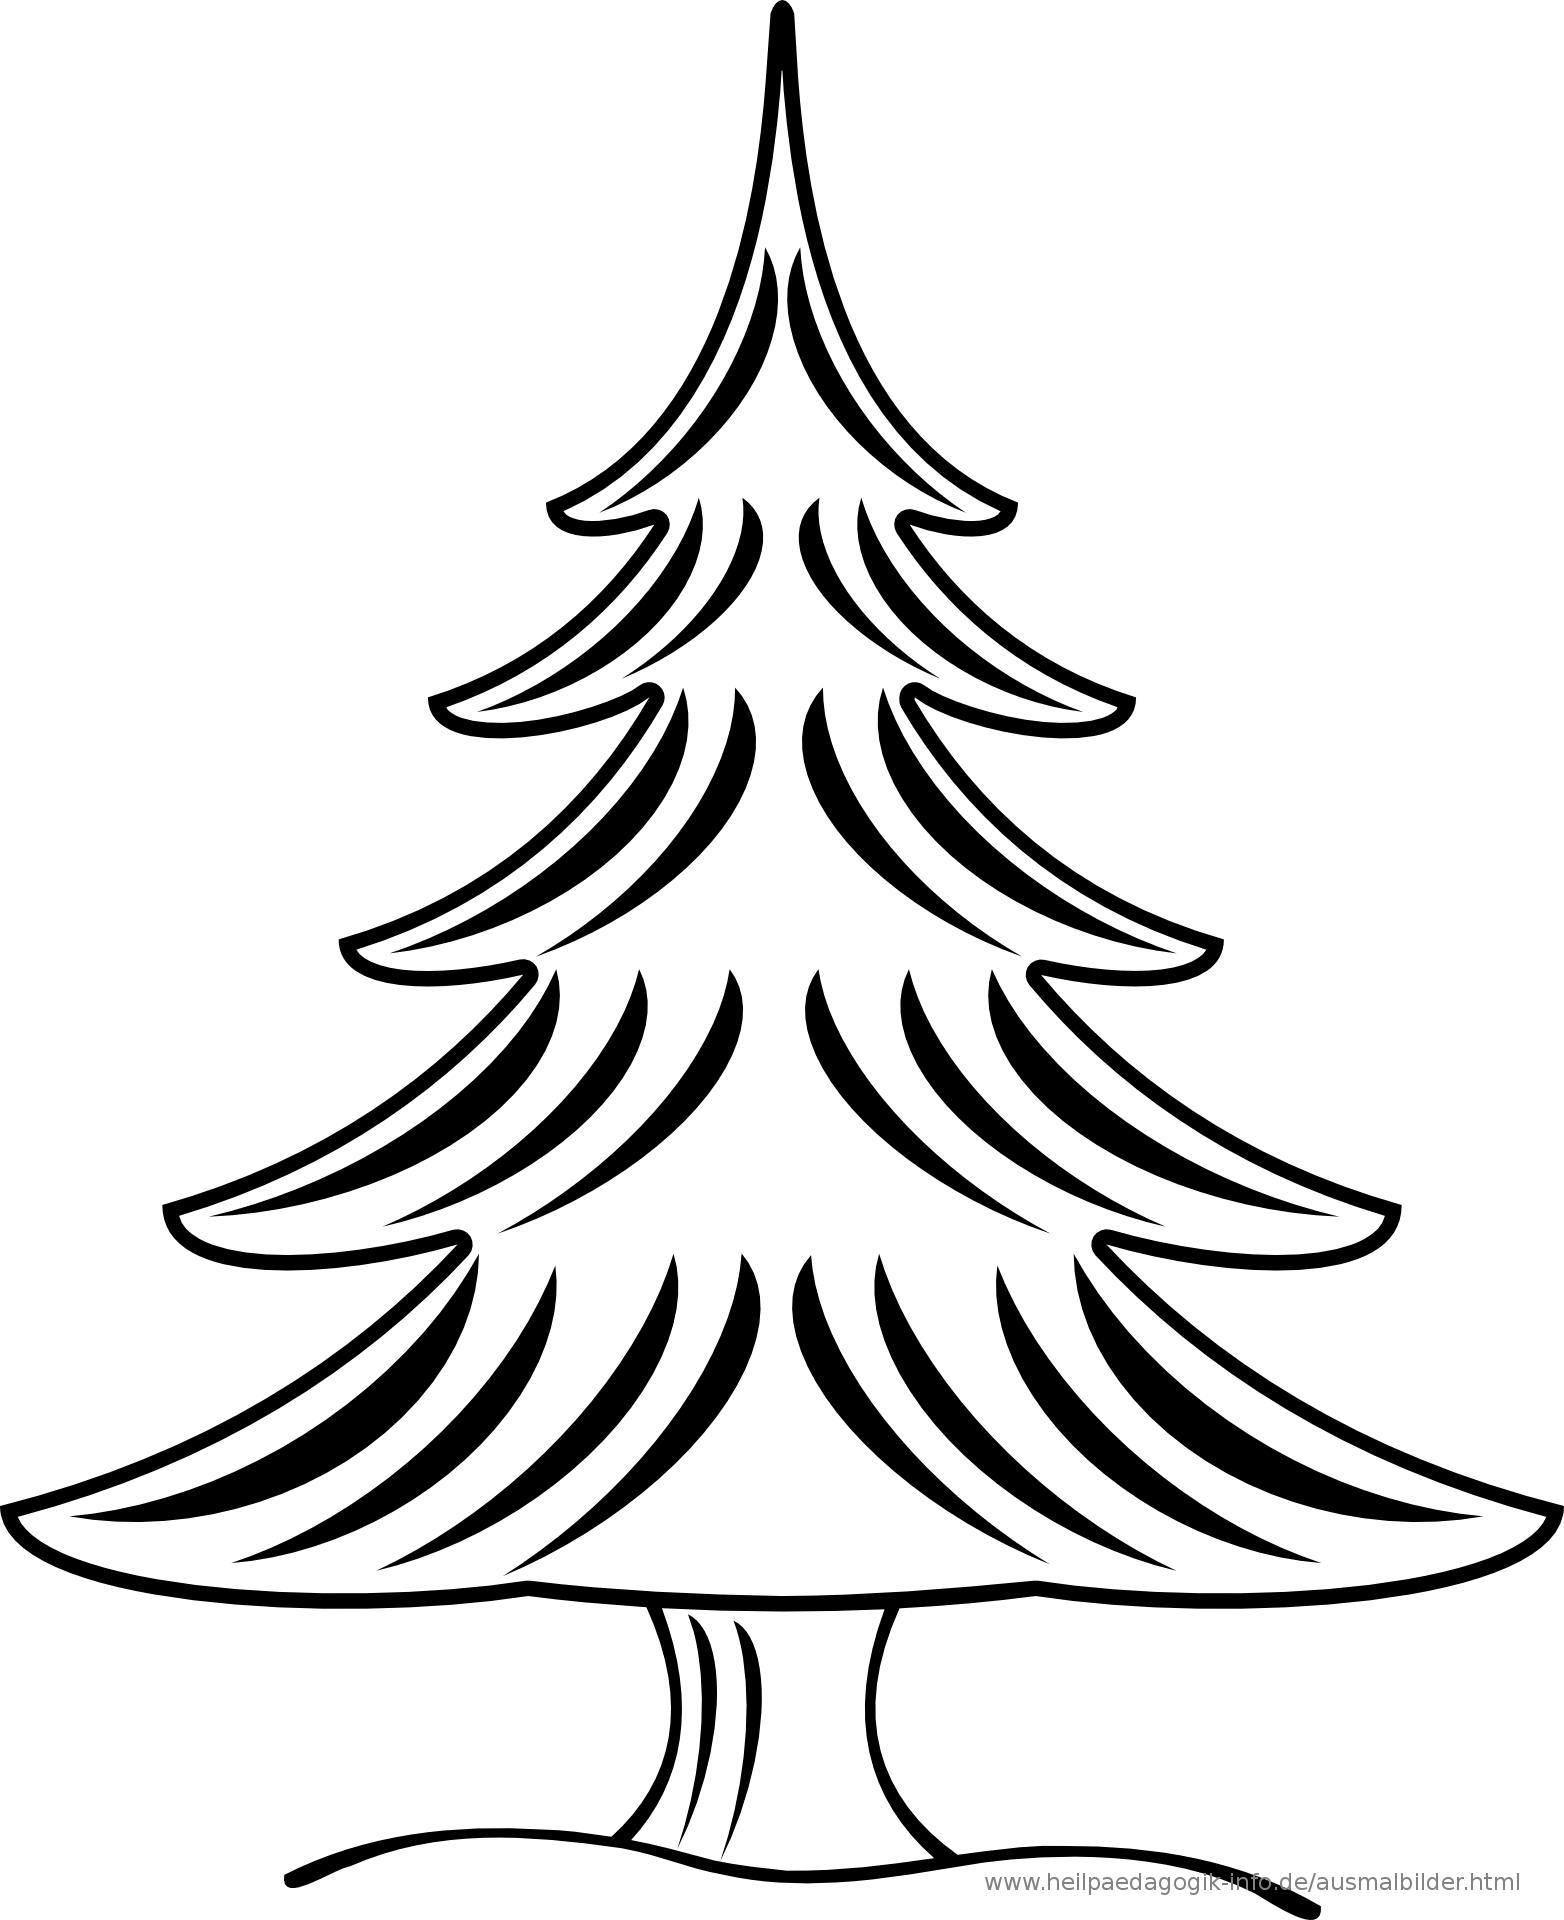 Ausmalbilder Weihnachten | Tannenbaum Vorlage, Malvorlage verwandt mit Tannenbaum Zum Ausmalen